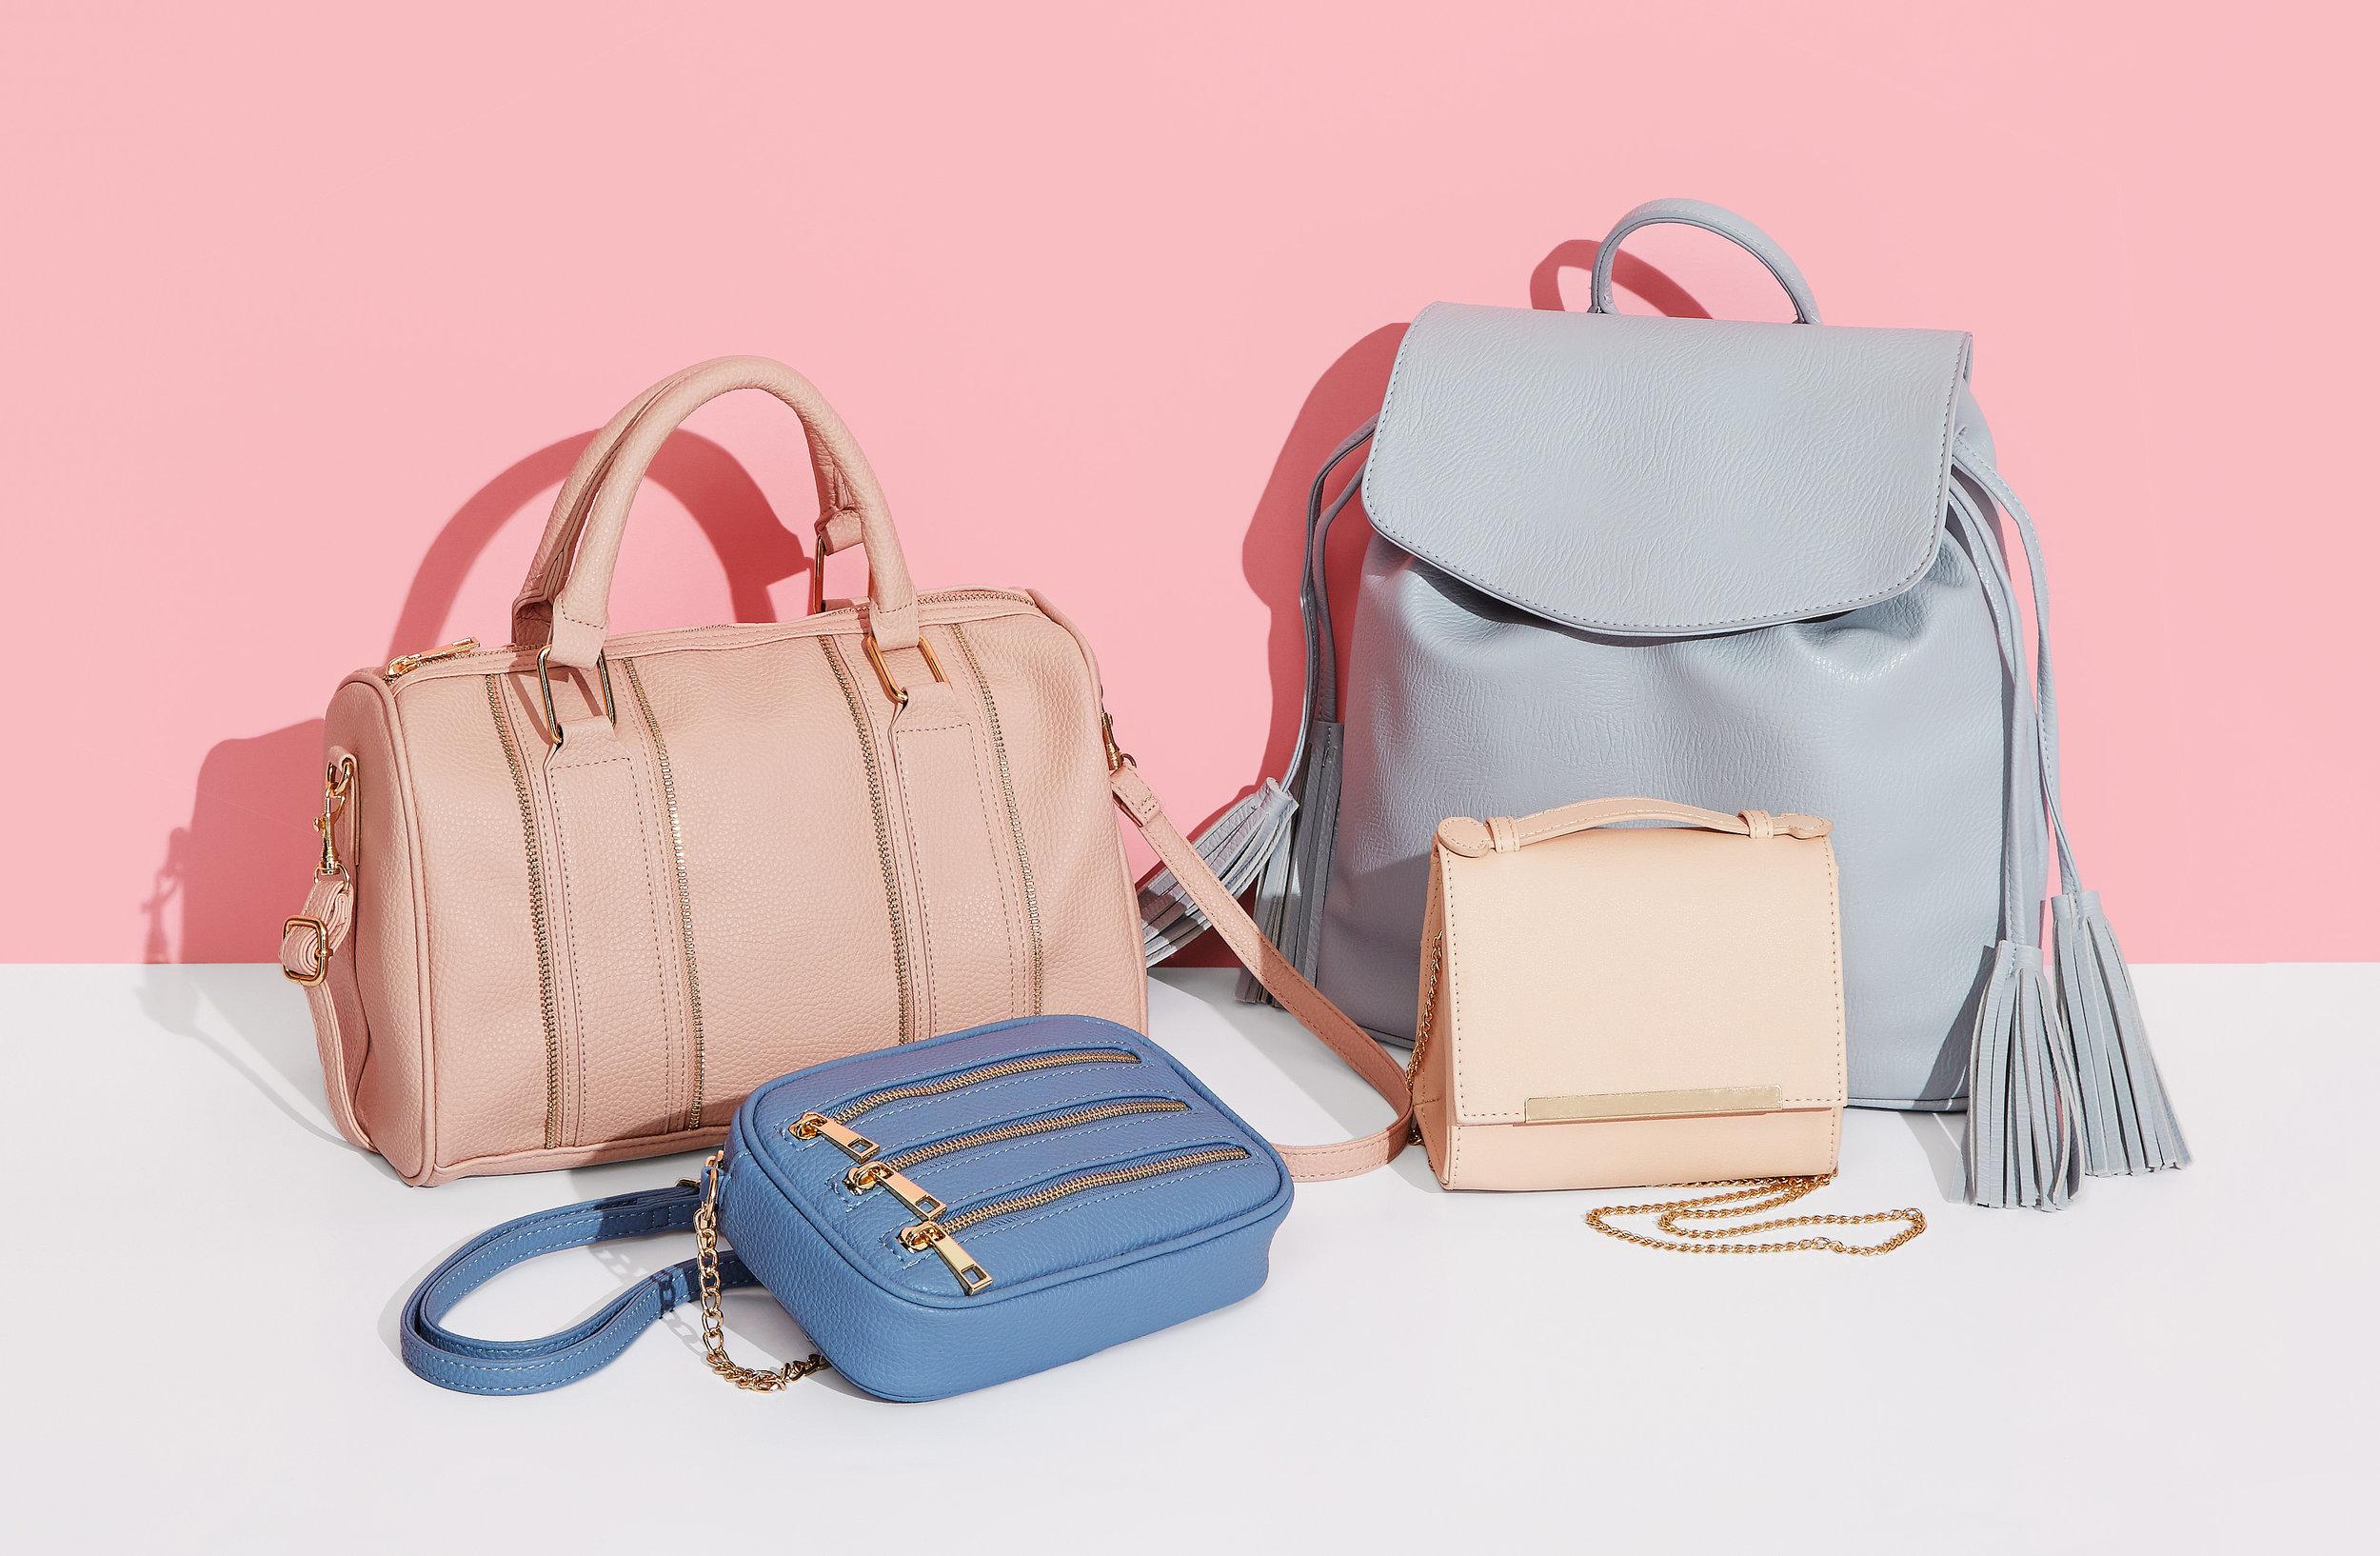 03SM17BSL_bags_wallets_backpacks_2_B_uncropped.jpg